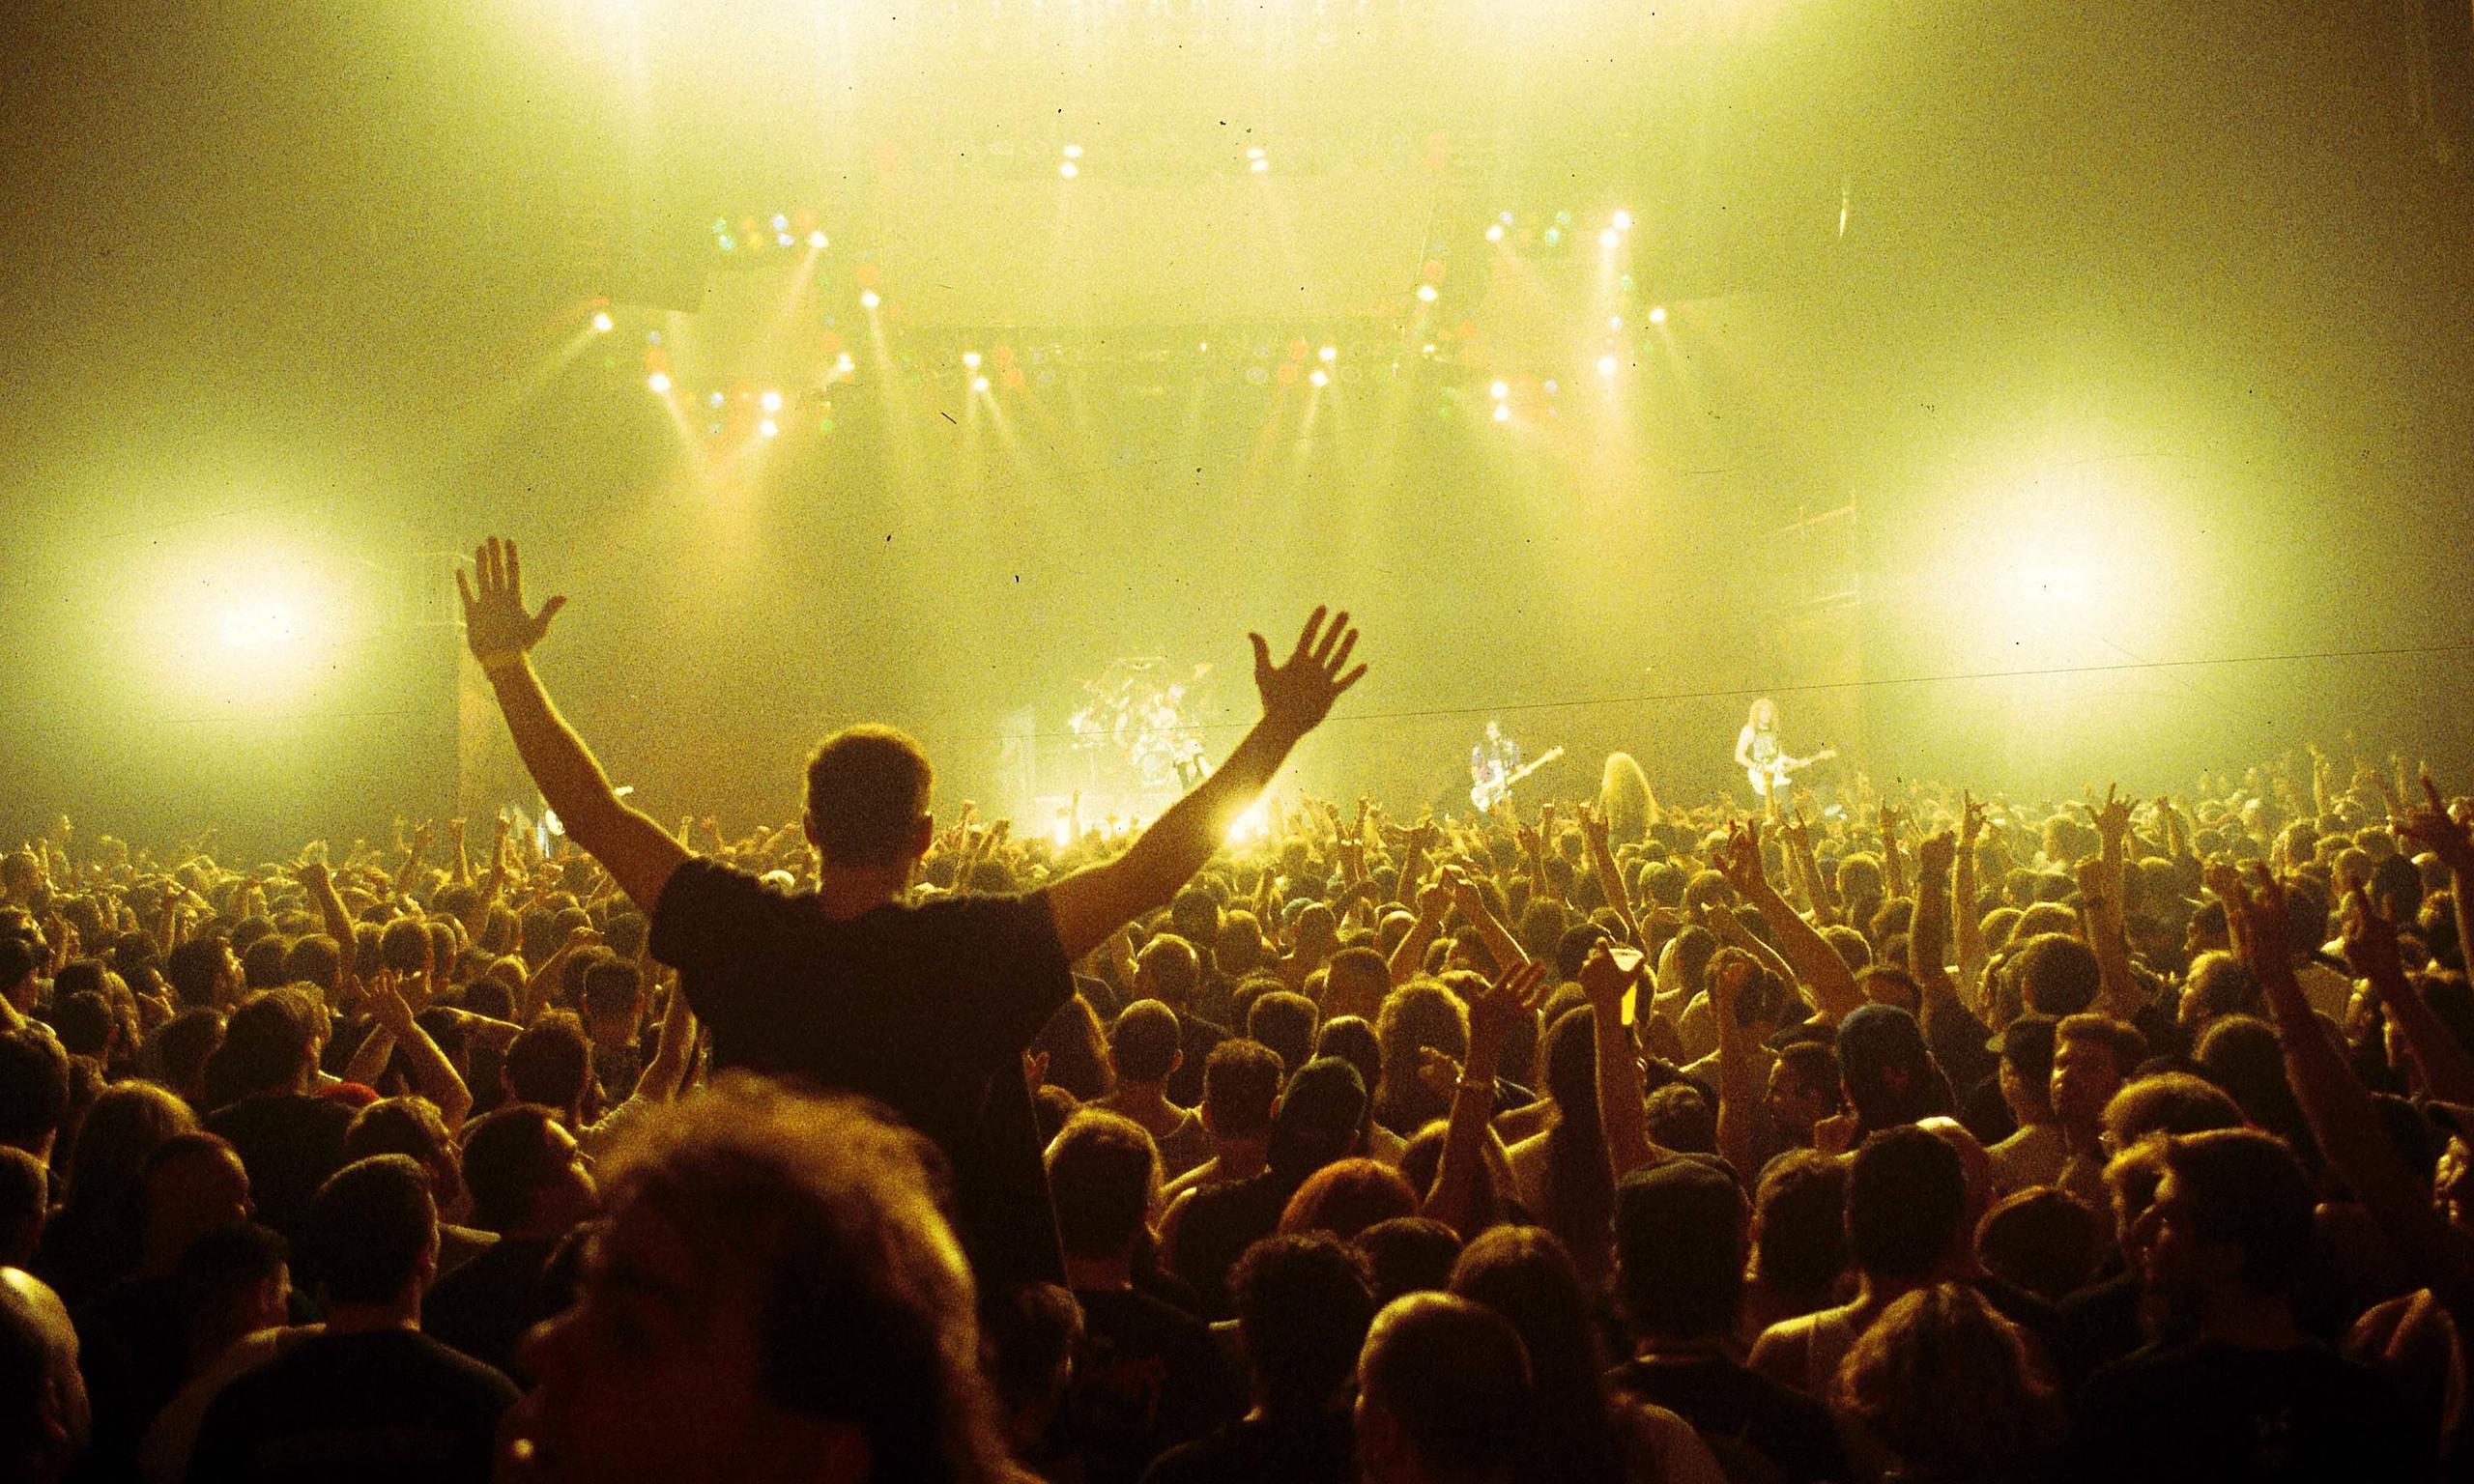 Rêver de concert